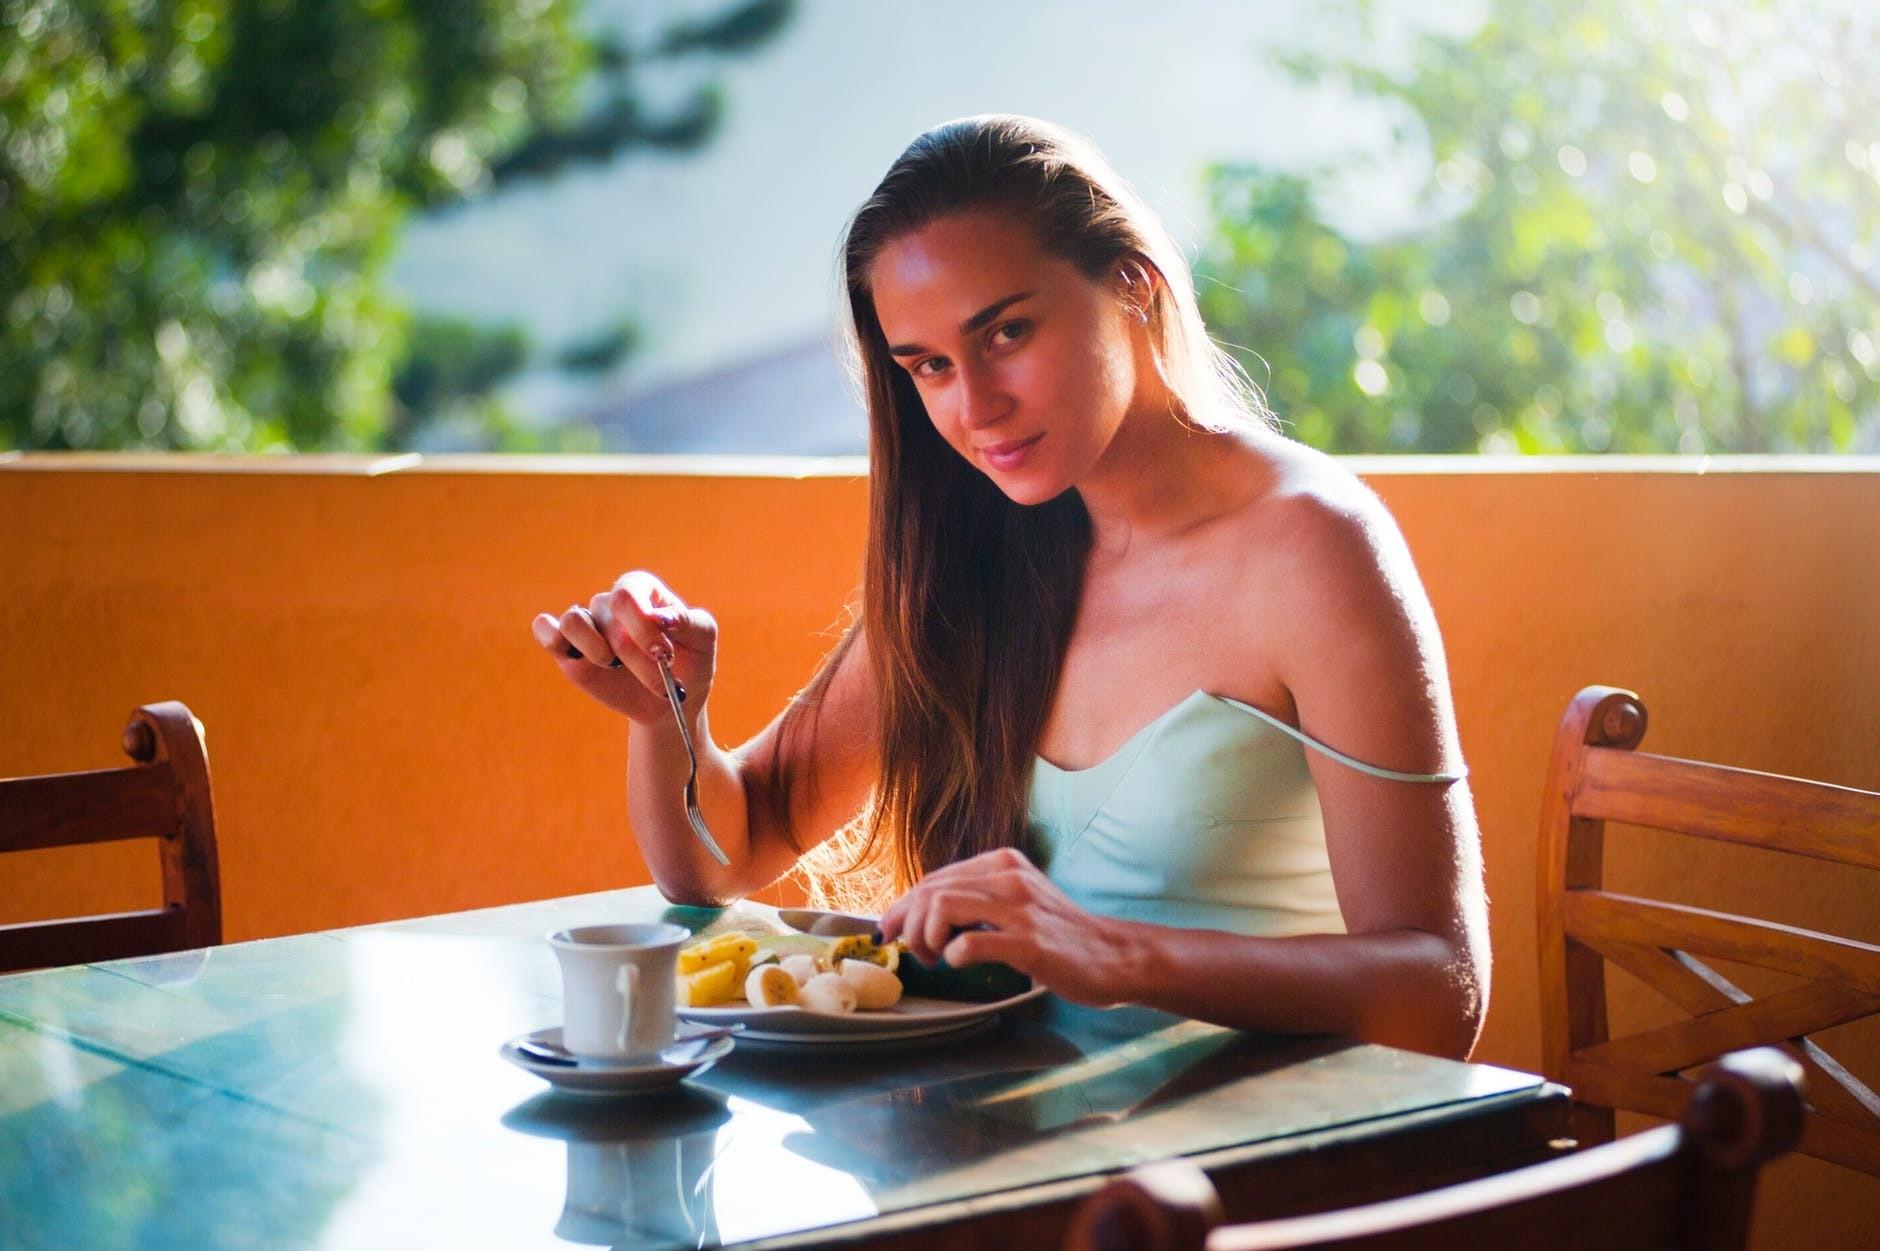 Худеем быстро: японская диета на 7 дней (плюс меню)